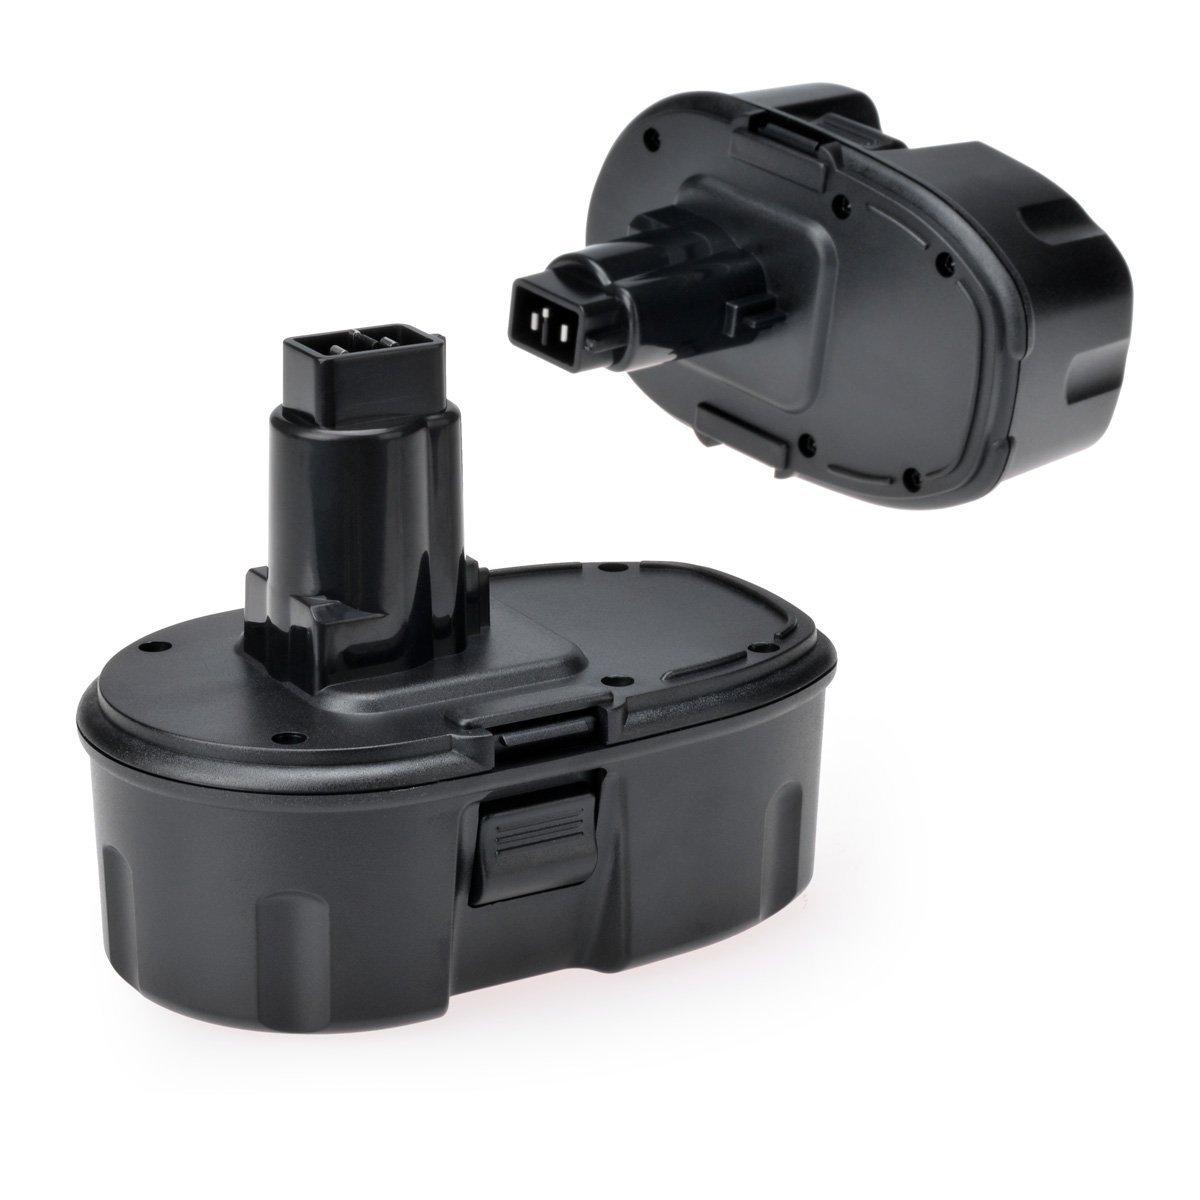 Tools Battery - InnerTeck 2 Pack 18V Replacement Battery for Dewalt DC9096 DE9039 DE9095 DE9096 DE9098 DW9095 DW9096 DW9098 DE9503